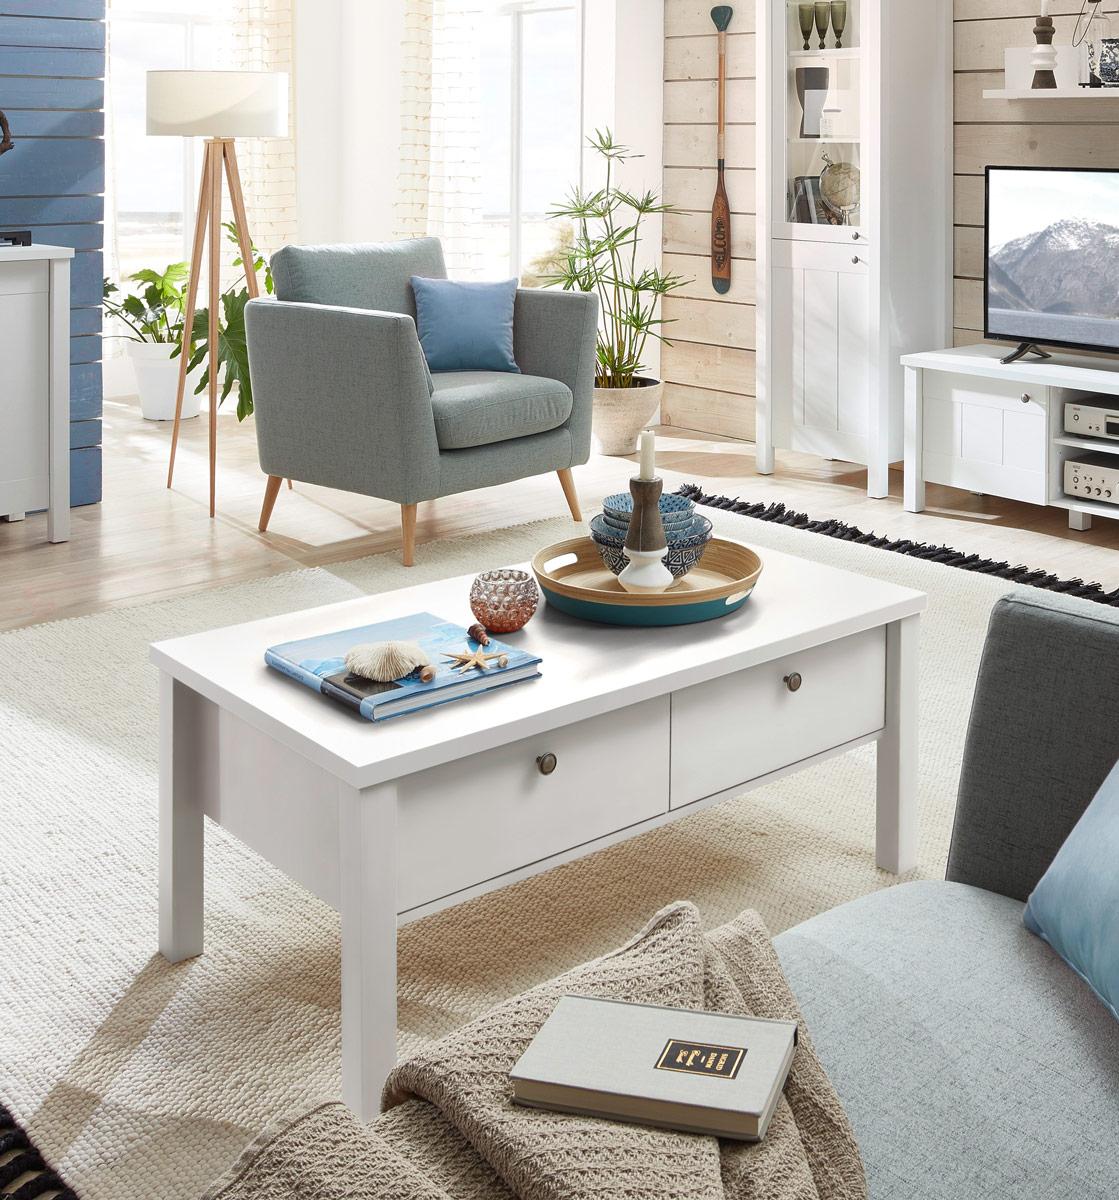 couchtisch siena 109 x 60 cm wei supermatt. Black Bedroom Furniture Sets. Home Design Ideas